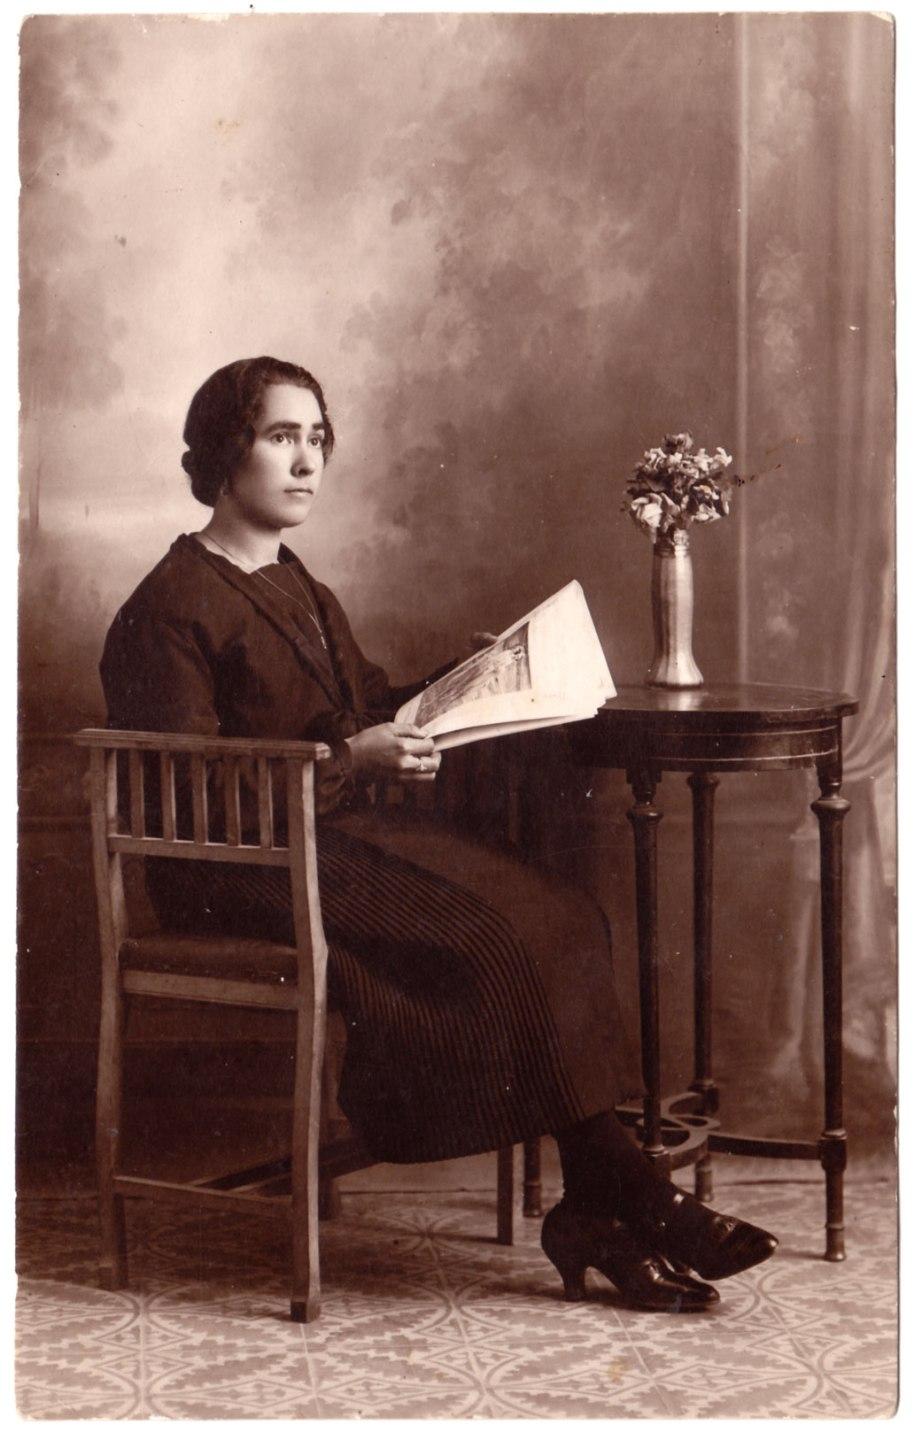 Tirant un poc més enrere, una avantpassada de Sergio: una xica jove vestida de forma molt formal i llegint una revista il·lustrada a l'estudi del fotógraf. Possiblement dels anys 20-30.